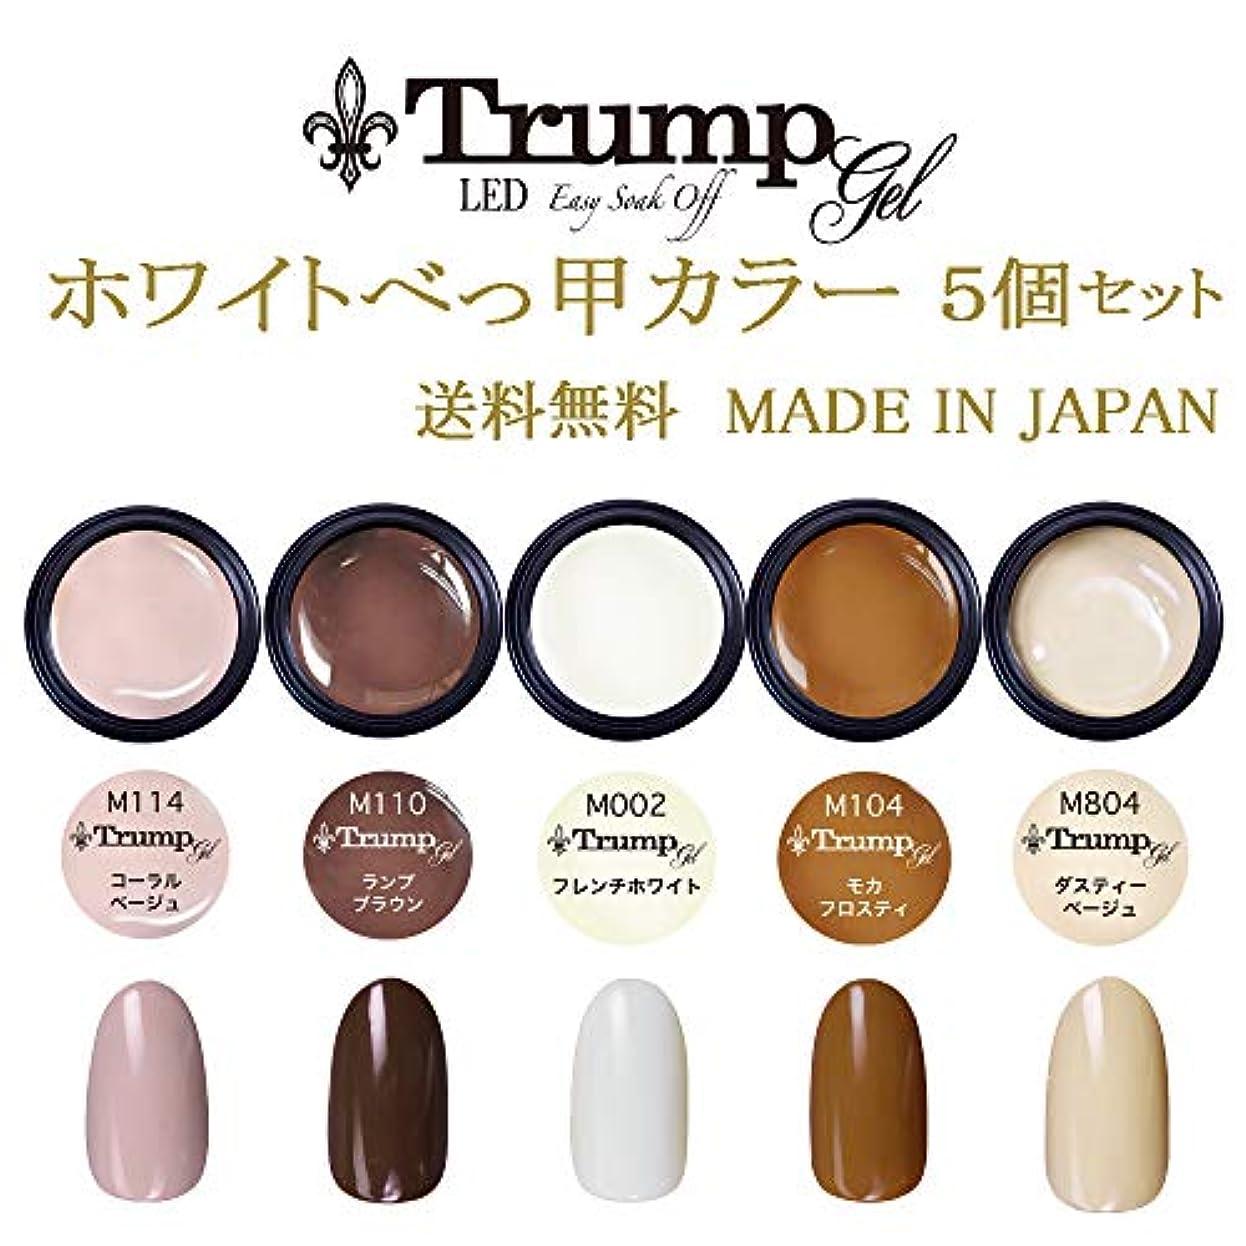 廃棄もつれプログレッシブ【送料無料】日本製 Trump gel トランプジェルホワイトべっ甲カラージェル 5個セット スタイリッシュでオシャレな 白べっ甲カラージェルセット